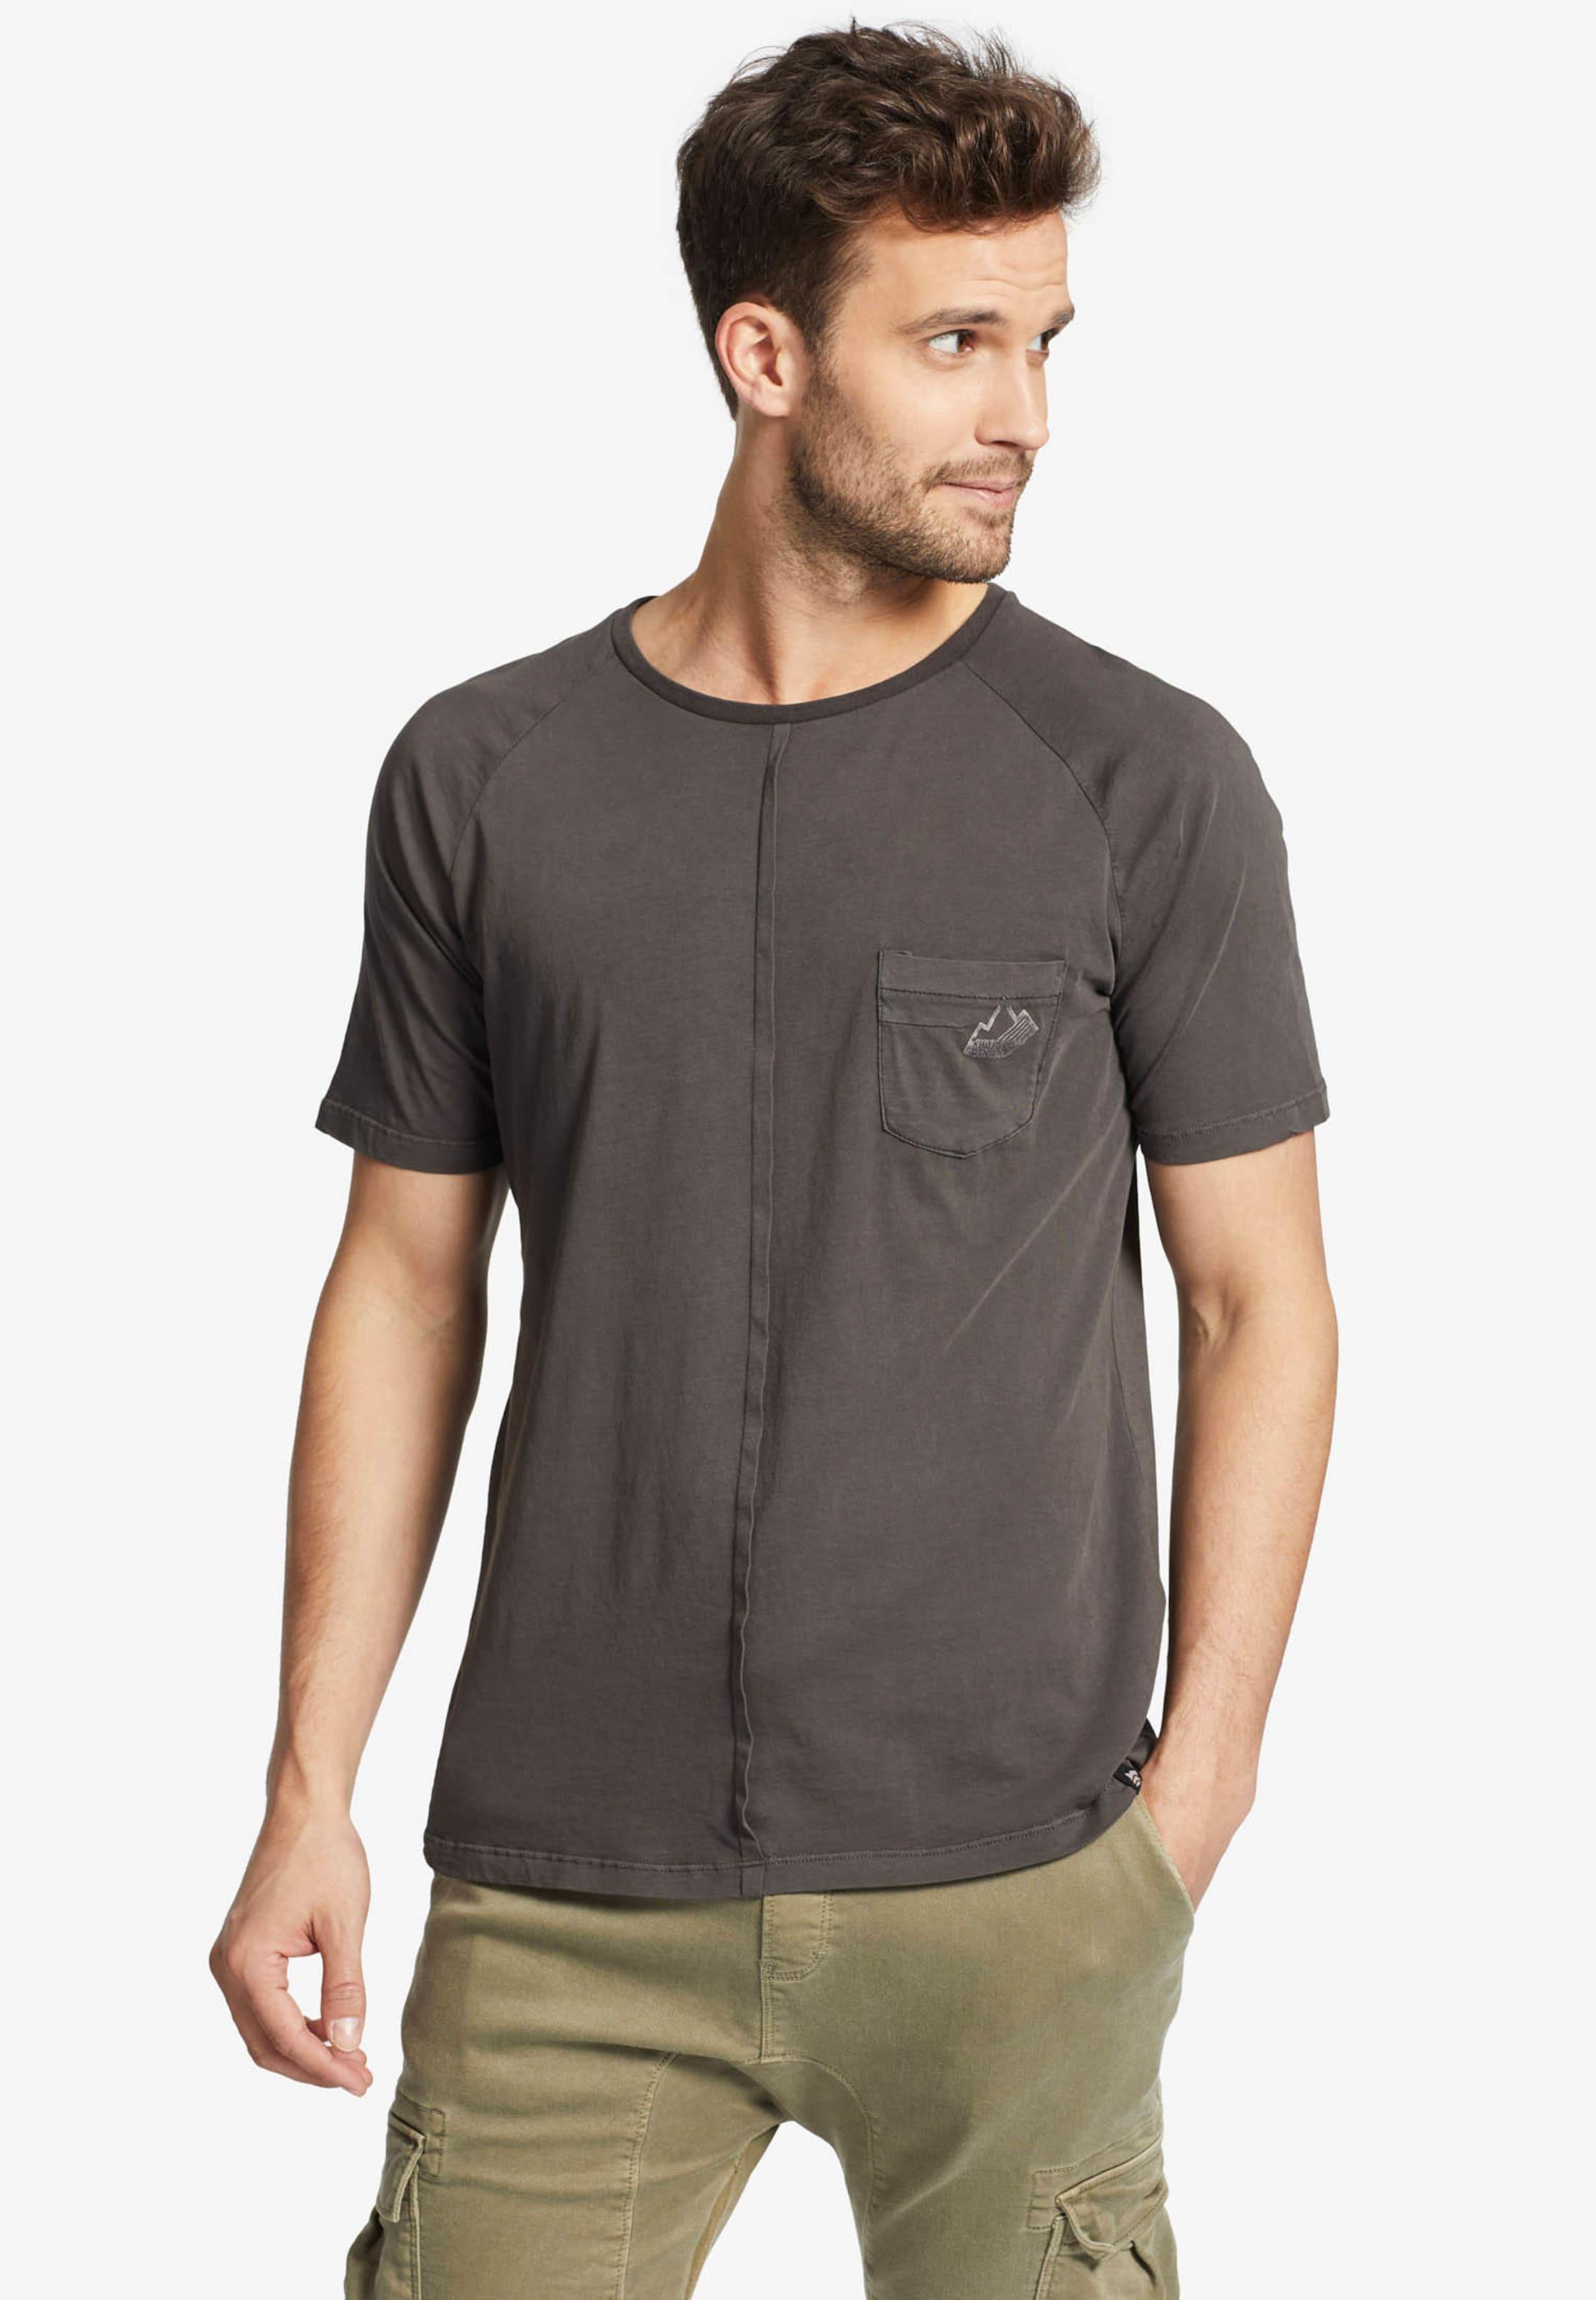 'save' Grau shirt Khujo T En sCtrxQdhBo